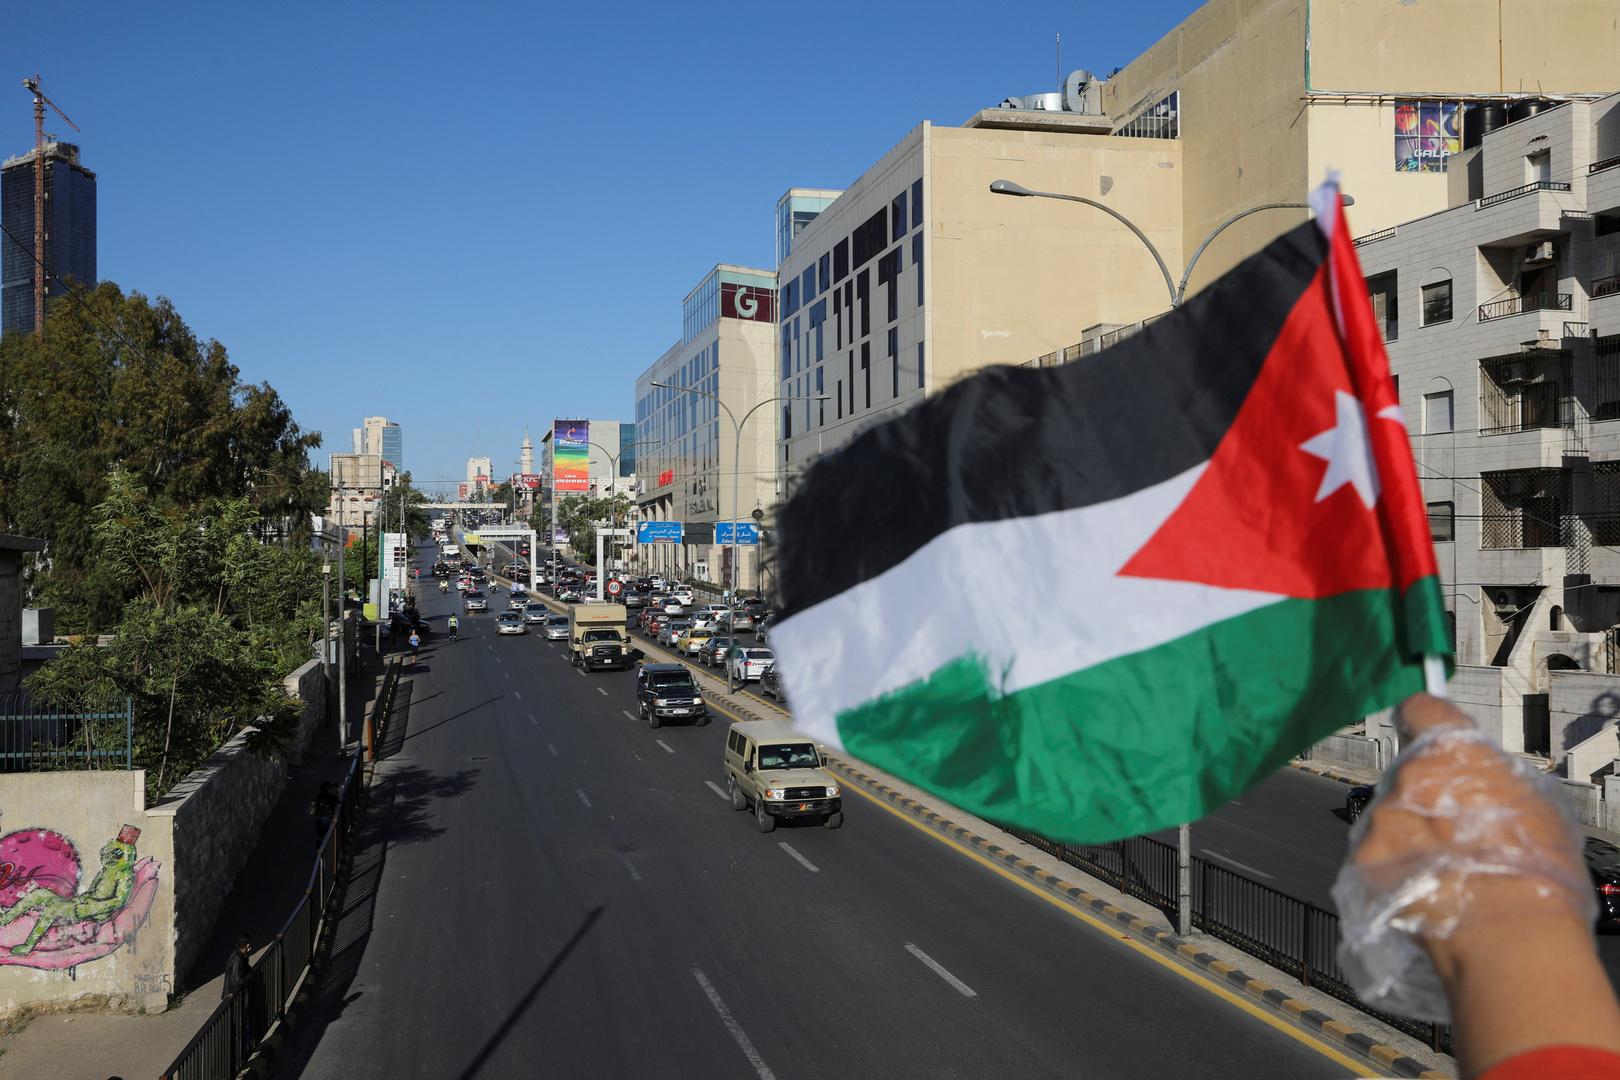 الأردن.. نواب يطالبون بوقف قانون الدفاع وإلغاء حظر الجمعة